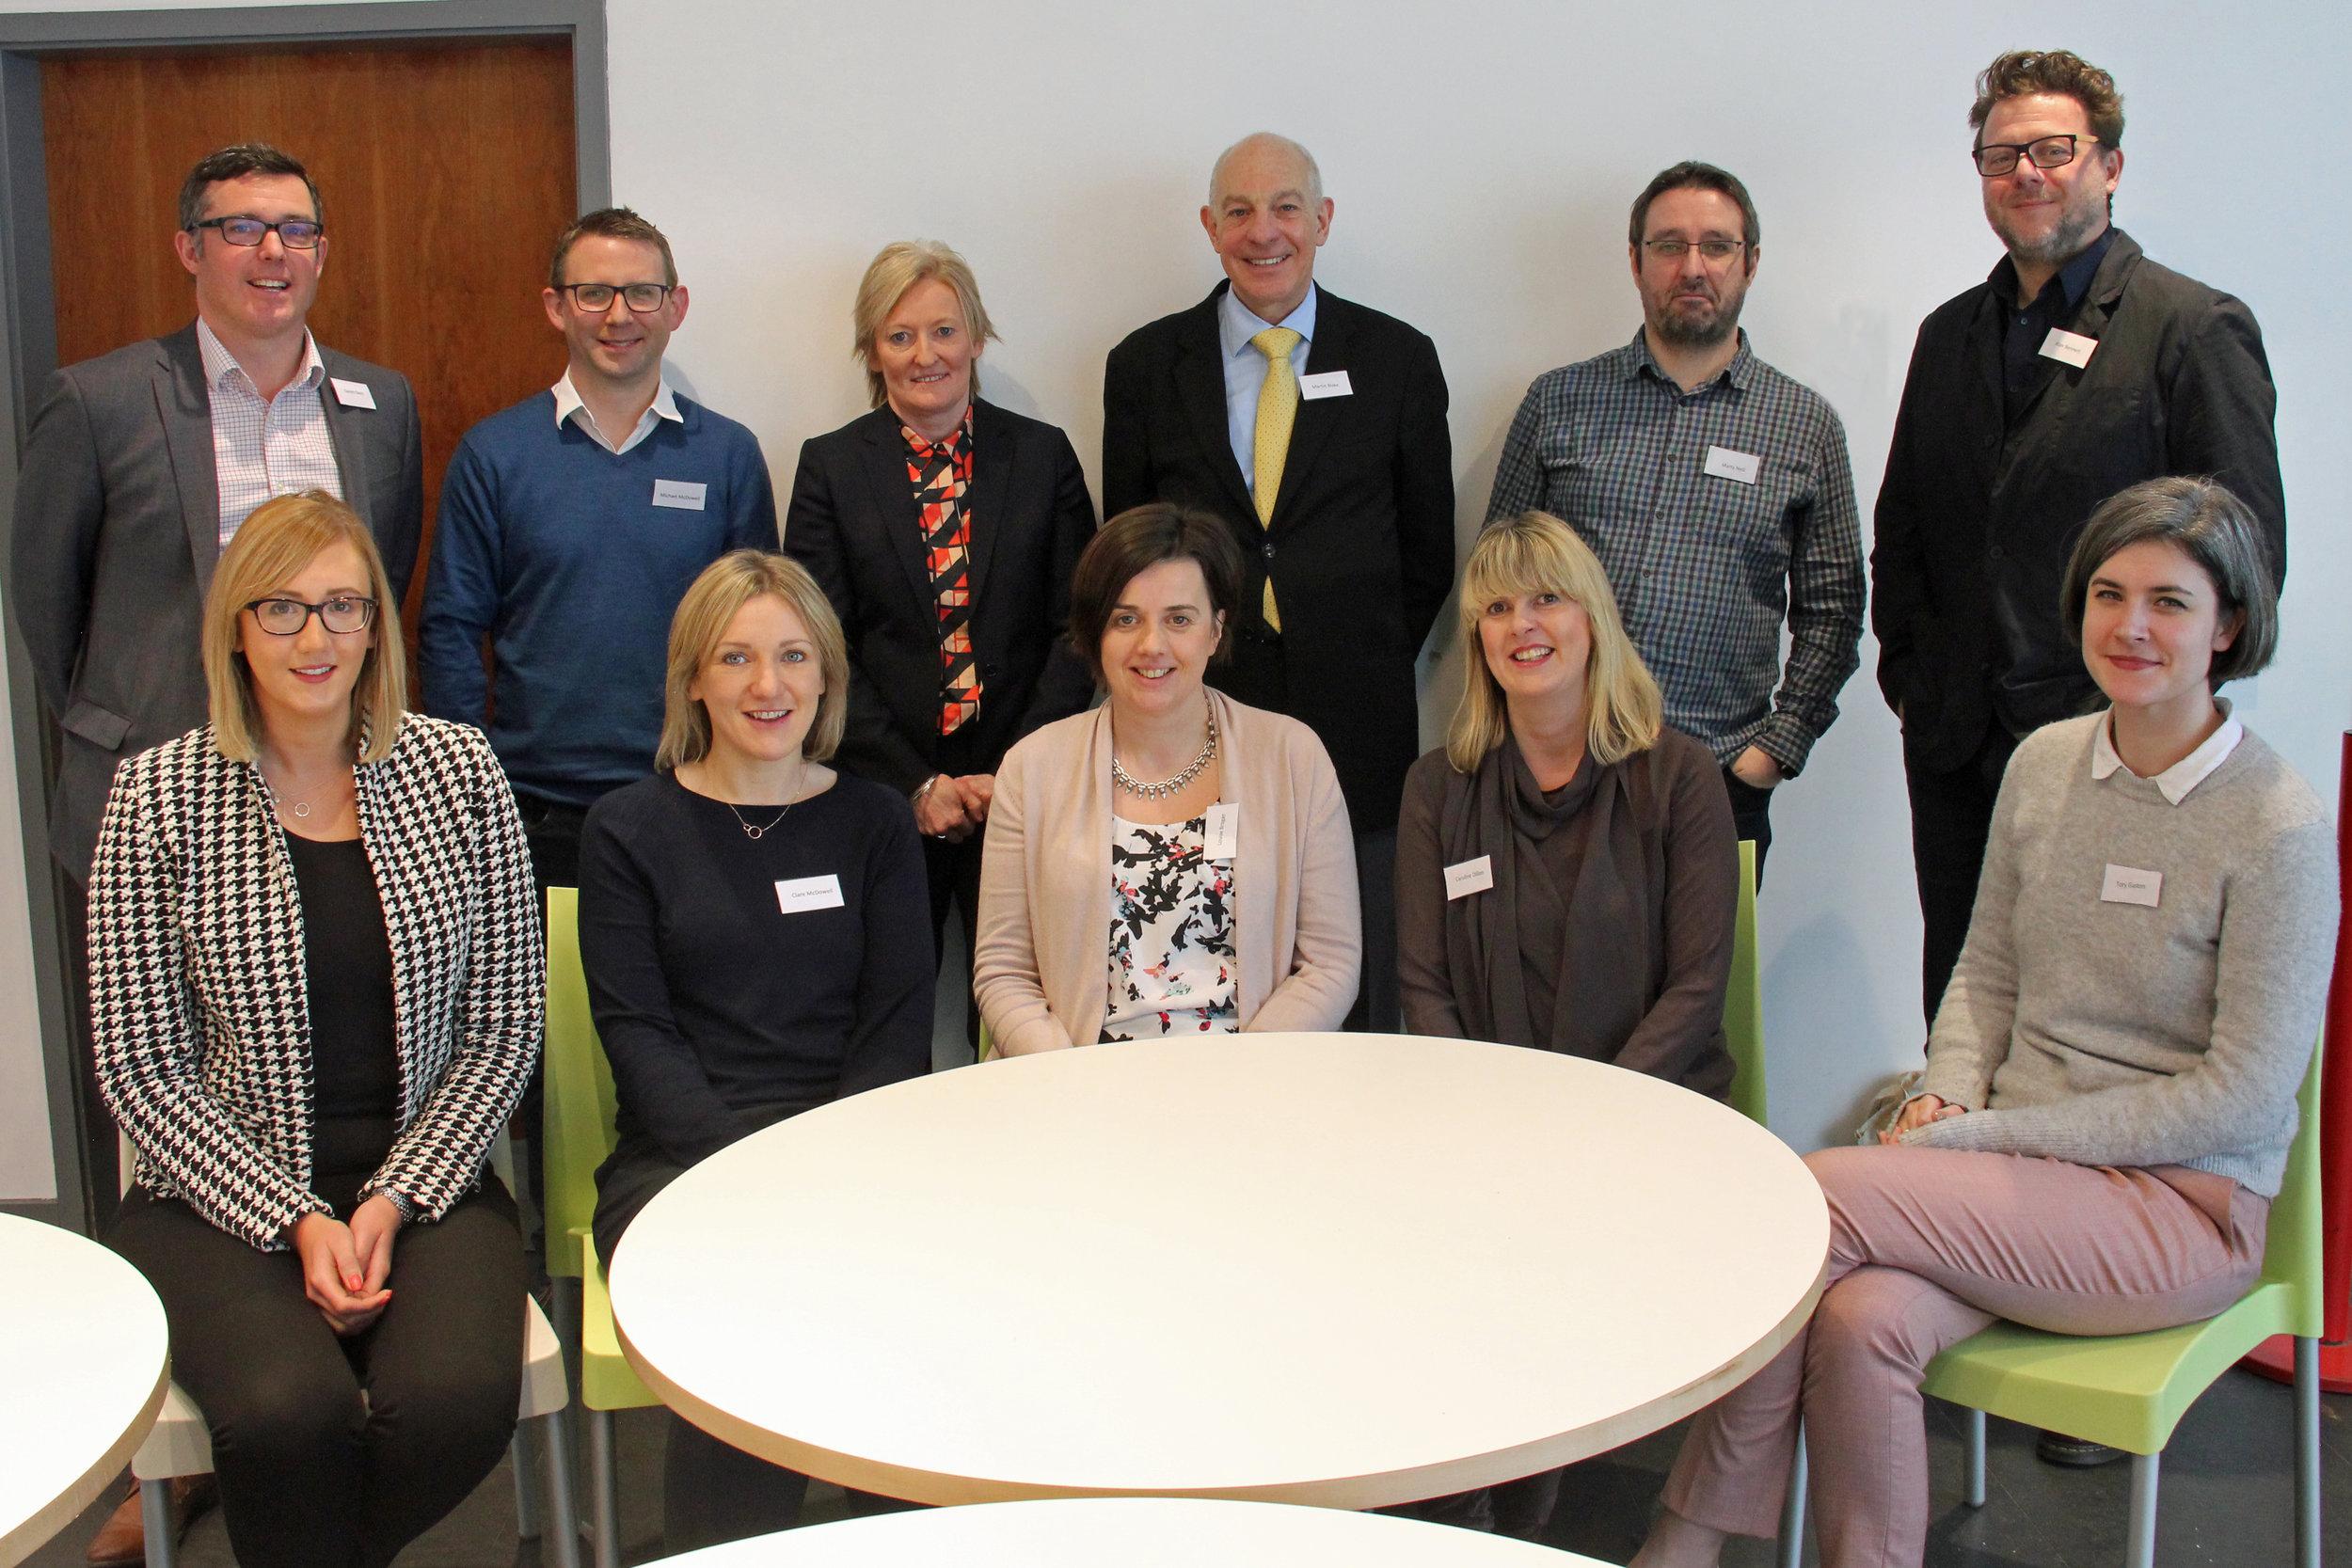 Career Advisors at BRA Breakfast held at the school in 2018